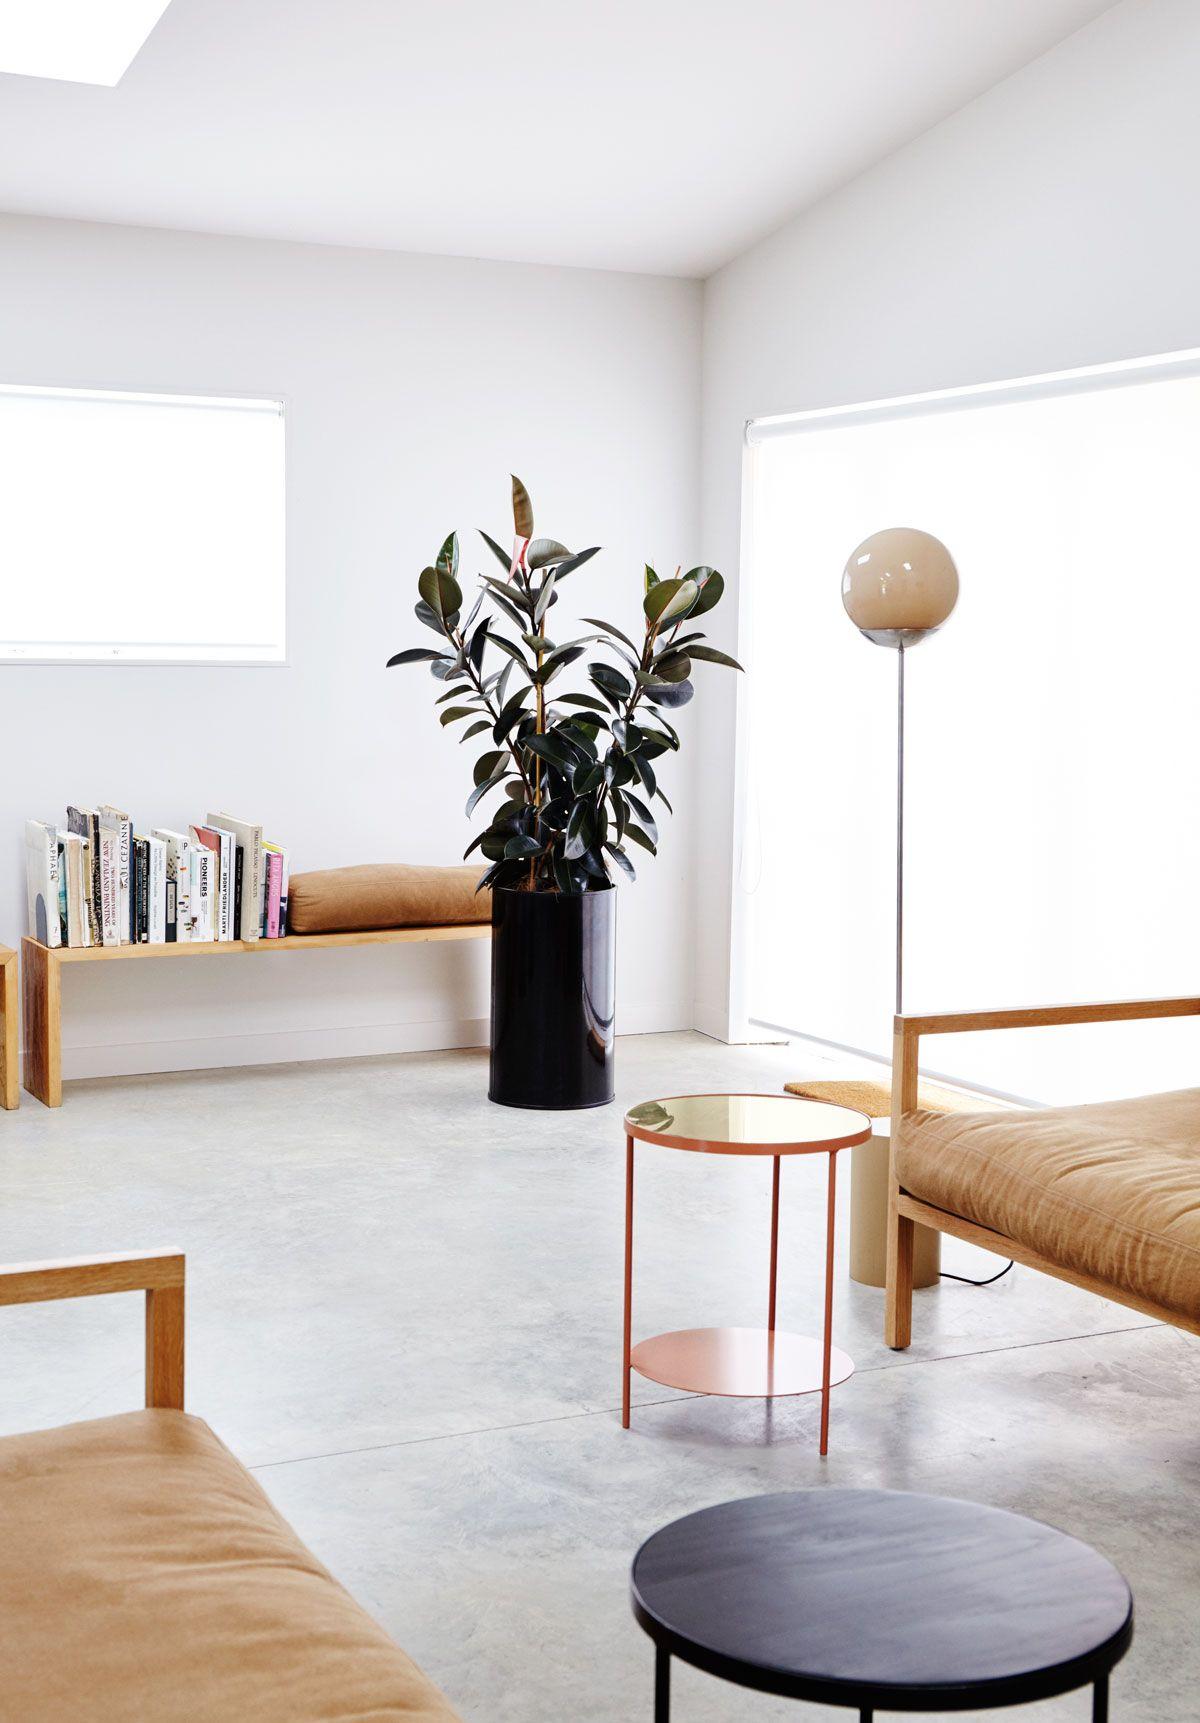 Matières nobles et simplicité pour un décor réussi | Haus ...